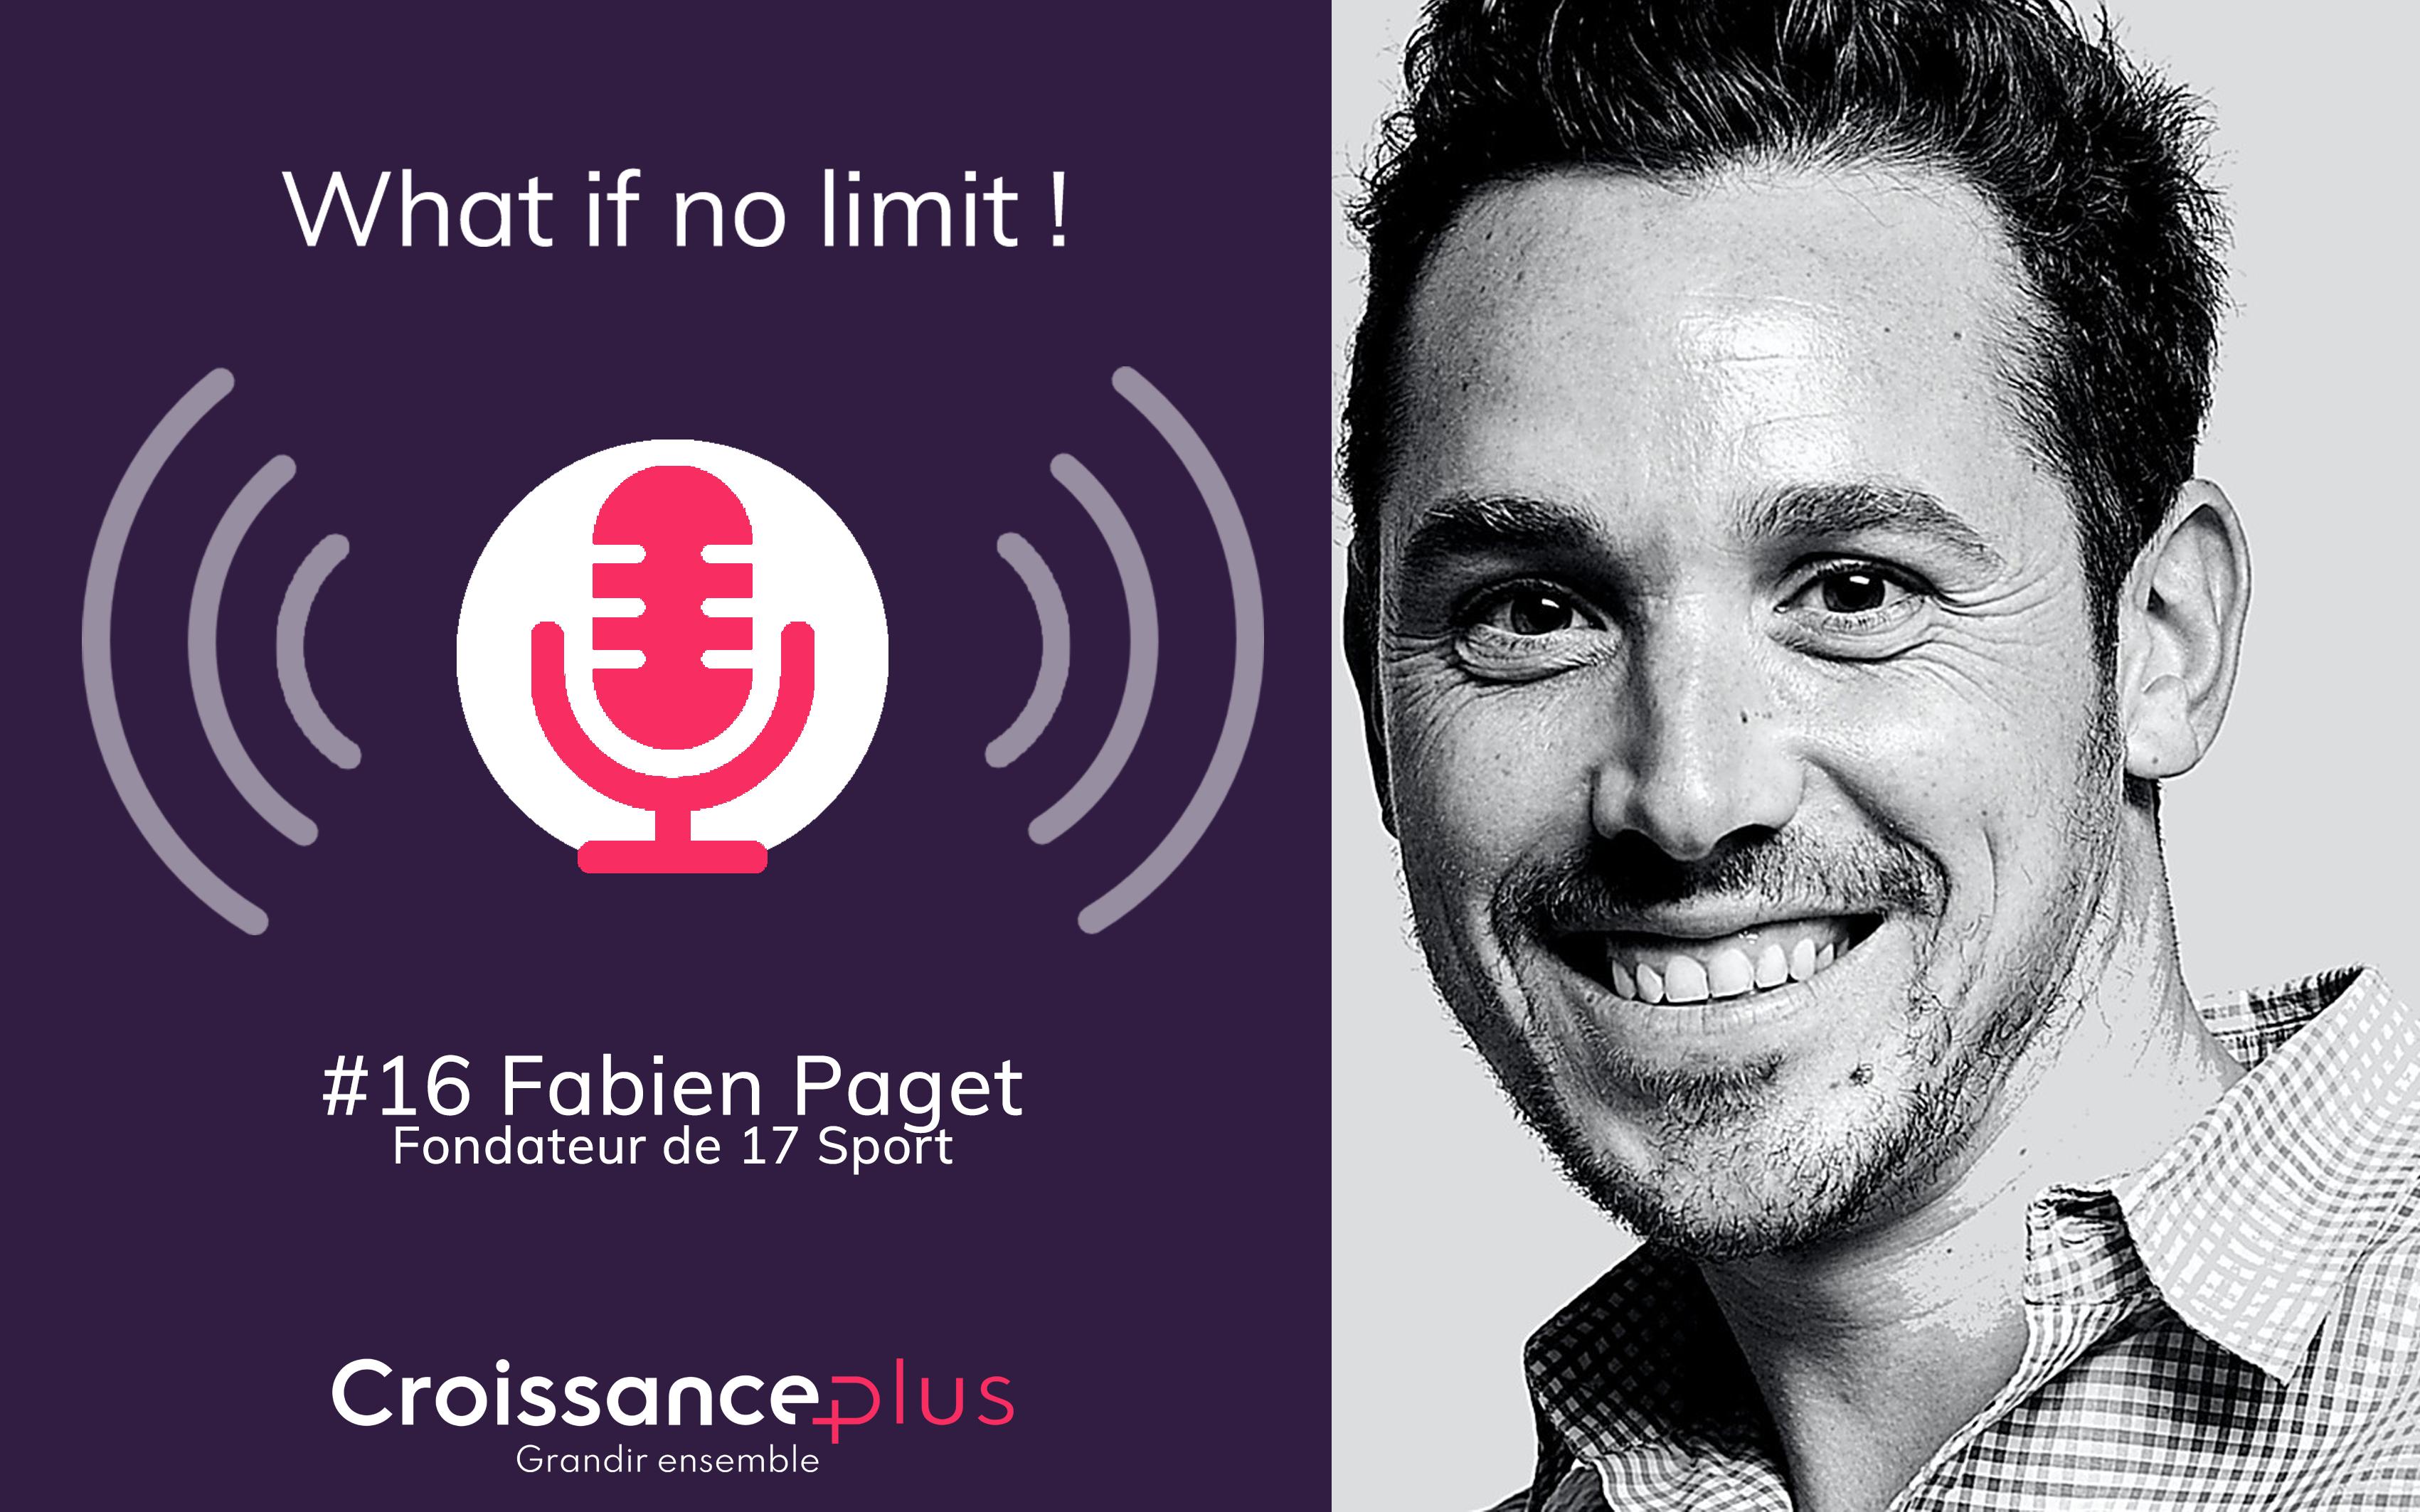 #Podcast : Fabien Paget, Fondateur de 17 Sport